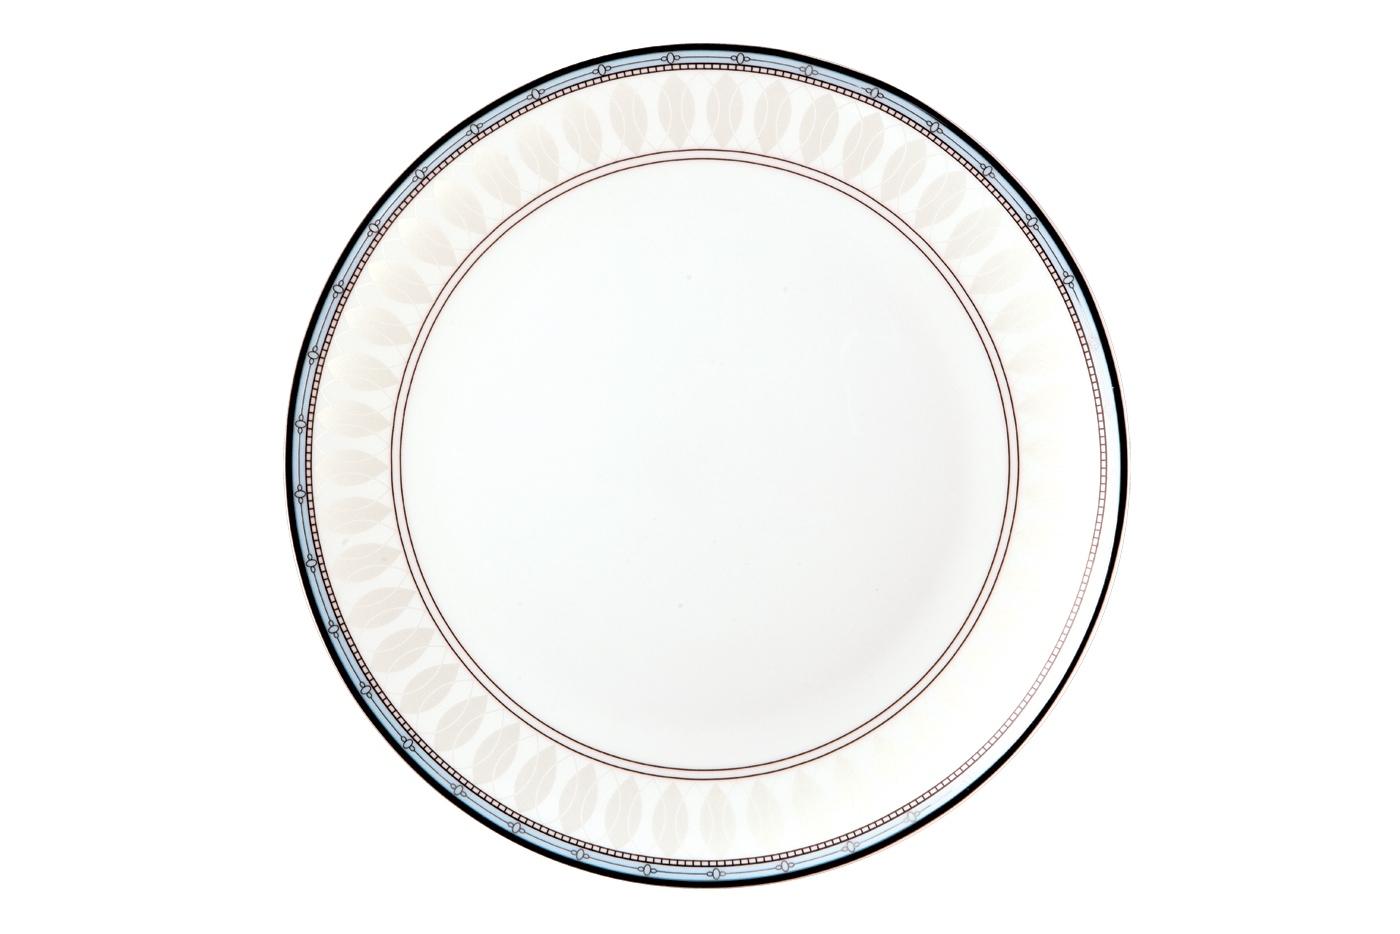 Набор из 6 тарелок Royal Aurel Британия (25см) арт.607Наборы тарелок<br>Набор из 6 тарелок Royal Aurel Британия (25см) арт.607<br>Производить посуду из фарфора начали в Китае на стыке 6-7 веков. Неустанно совершенствуя и селективно отбирая сырье для производства посуды из фарфора, мастерам удалось добиться выдающихся характеристик фарфора: белизны и тонкостенности. В XV веке появился особый интерес к китайской фарфоровой посуде, так как в это время Европе возникла мода на самобытные китайские вещи. Роскошный китайский фарфор являлся изыском и был в новинку, поэтому он выступал в качестве подарка королям, а также знатным людям. Такой дорогой подарок был очень престижен и по праву являлся элитной посудой. Как известно из многочисленных исторических документов, в Европе китайские изделия из фарфора ценились практически как золото. <br>Проверка изделий из костяного фарфора на подлинность <br>По сравнению с производством других видов фарфора процесс производства изделий из настоящего костяного фарфора сложен и весьма длителен. Посуда из изящного фарфора - это элитная посуда, которая всегда ассоциируется с богатством, величием и благородством. Несмотря на небольшую толщину, фарфоровая посуда - это очень прочное изделие. Для демонстрации плотности и прочности фарфора можно легко коснуться предметов посуды из фарфора деревянной палочкой, и тогда мы услушим характерный металлический звон. В составе фарфоровой посуды присутствует костяная зола, благодаря чему она может быть намного тоньше (не более 2,5 мм) и легче твердого или мягкого фарфора. Безупречная белизна - ключевой признак отличия такого фарфора от других. Цвет обычного фарфора сероватый или ближе к голубоватому, а костяной фарфор будет всегда будет молочно-белого цвета. Характерная и немаловажная деталь - это невесомая прозрачность изделий из фарфора такая, что сквозь него проходит свет.<br>